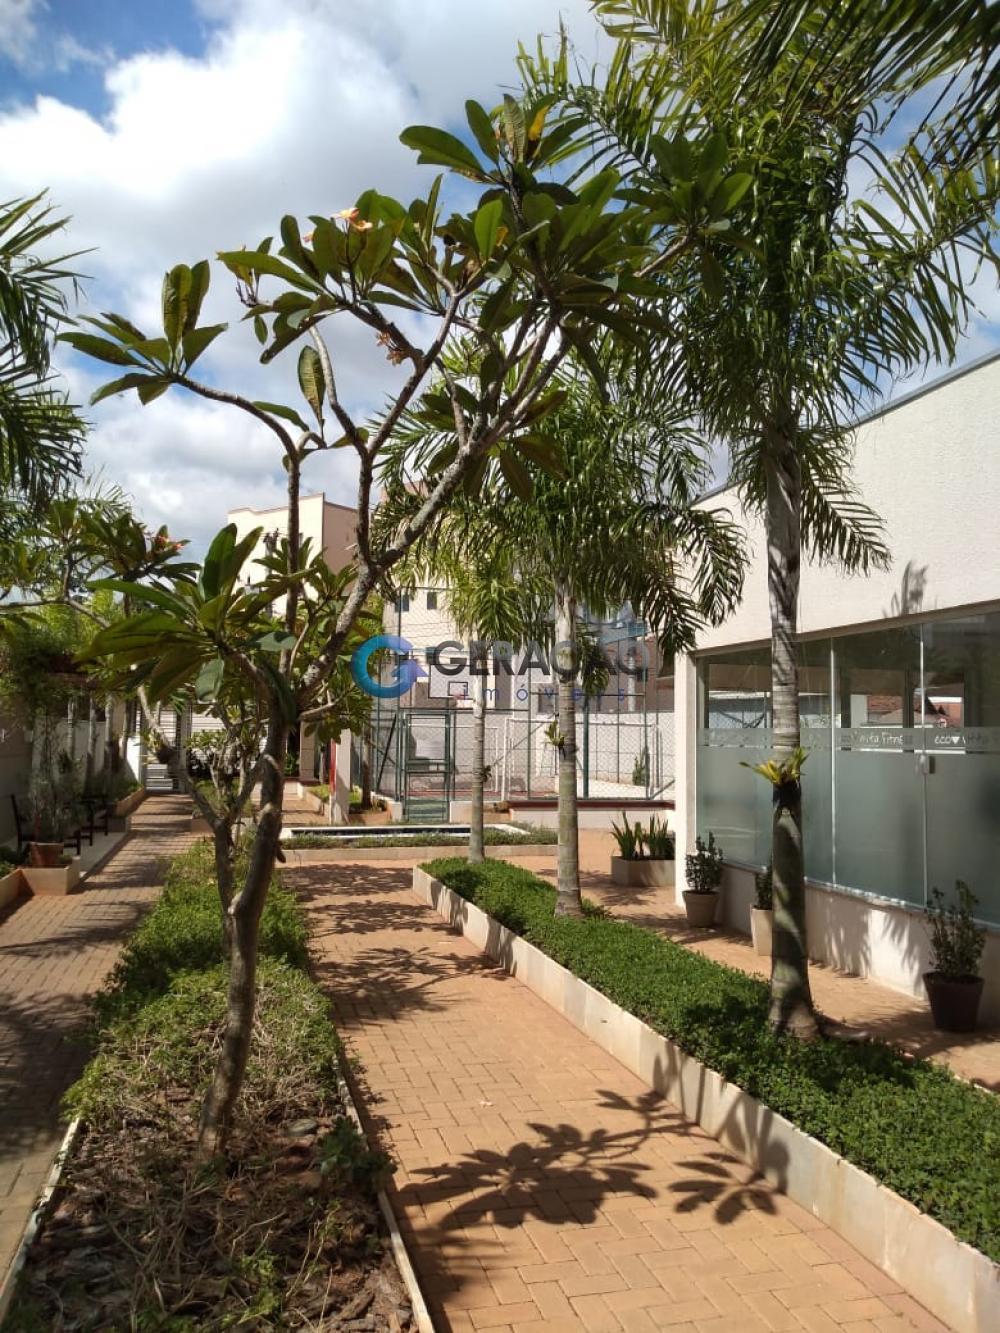 Comprar Apartamento / Padrão em Jacareí R$ 495.000,00 - Foto 2